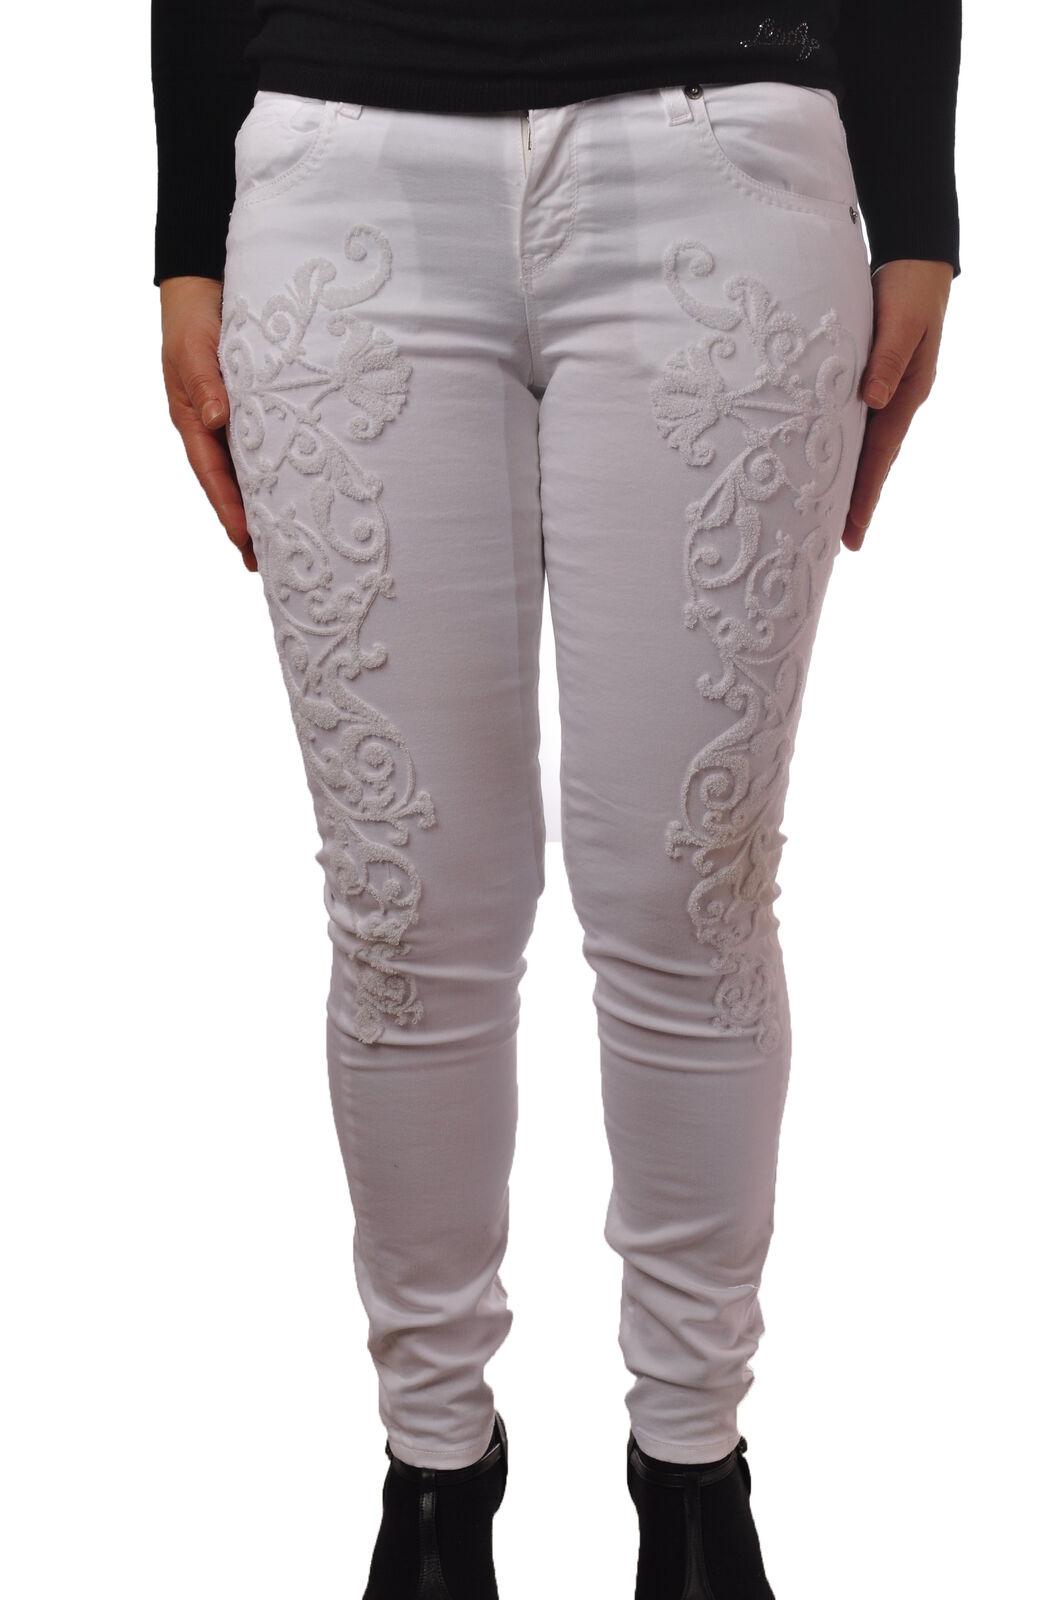 Latinò - Pants-Pants - Woman - Weiß - 4824802F184430